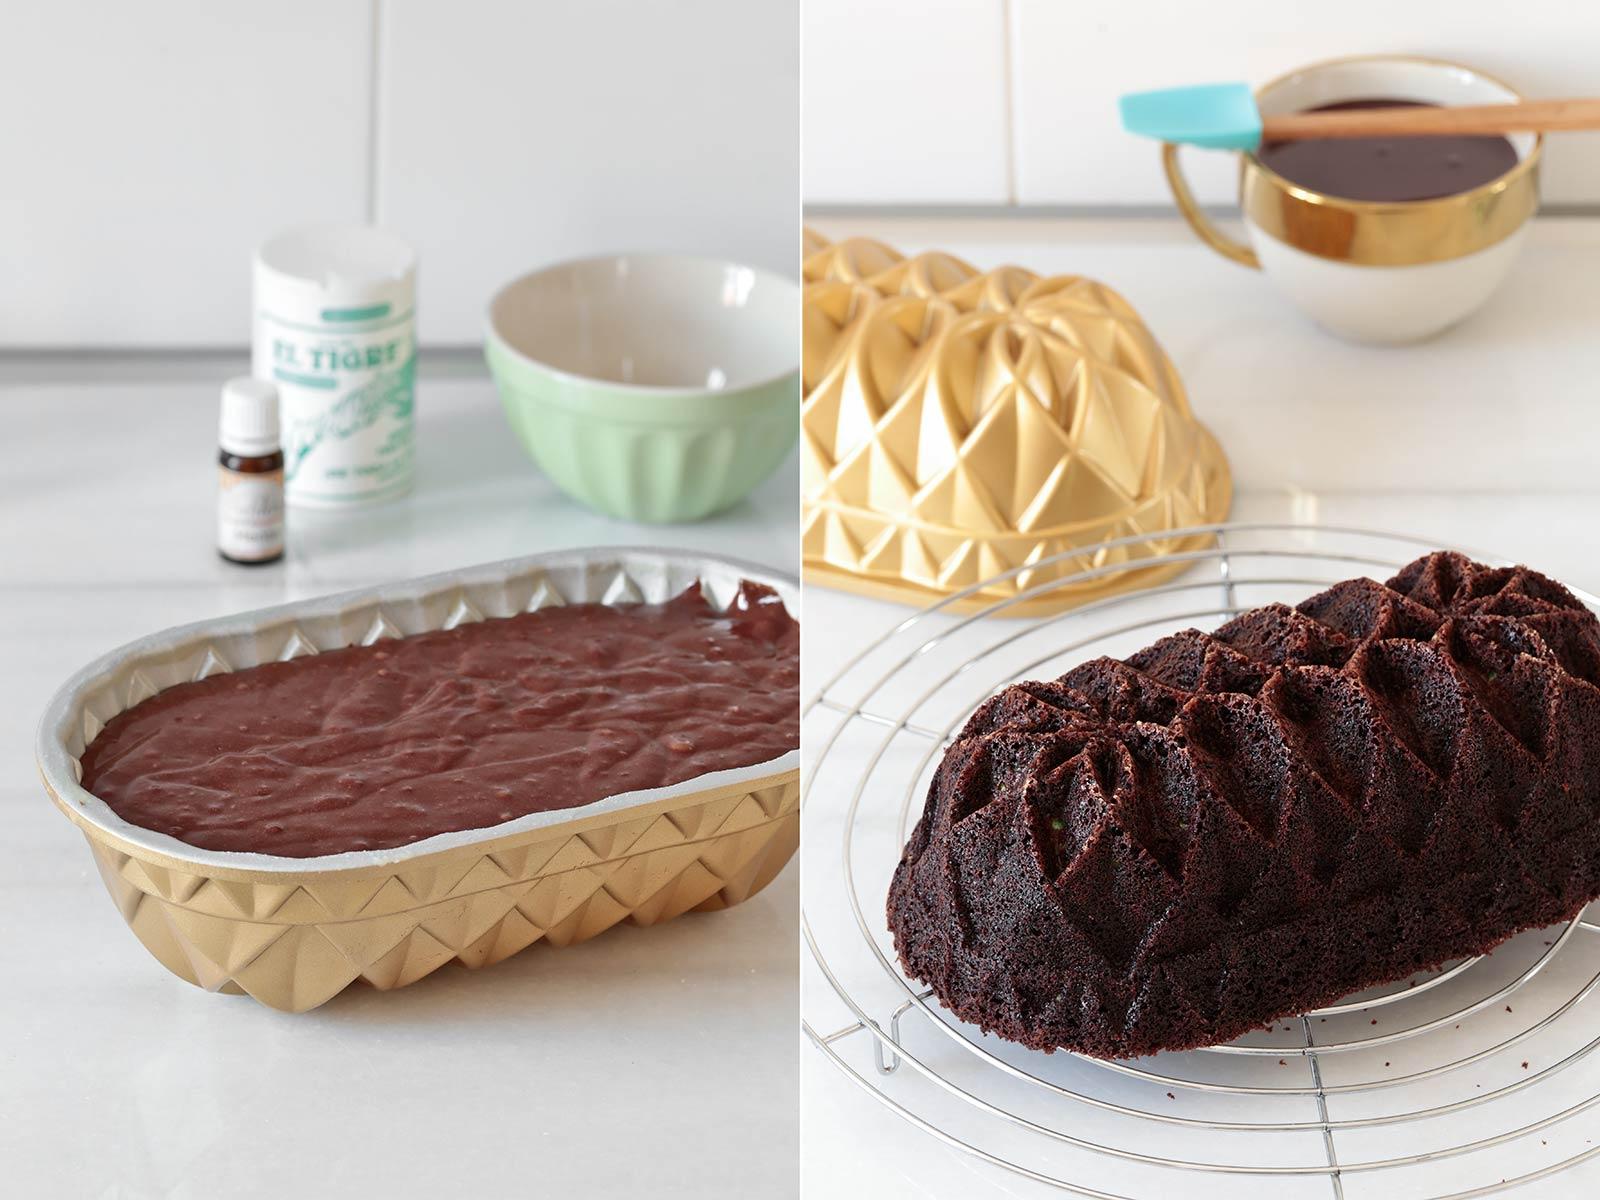 Receta bundt cake de chocolate y menta